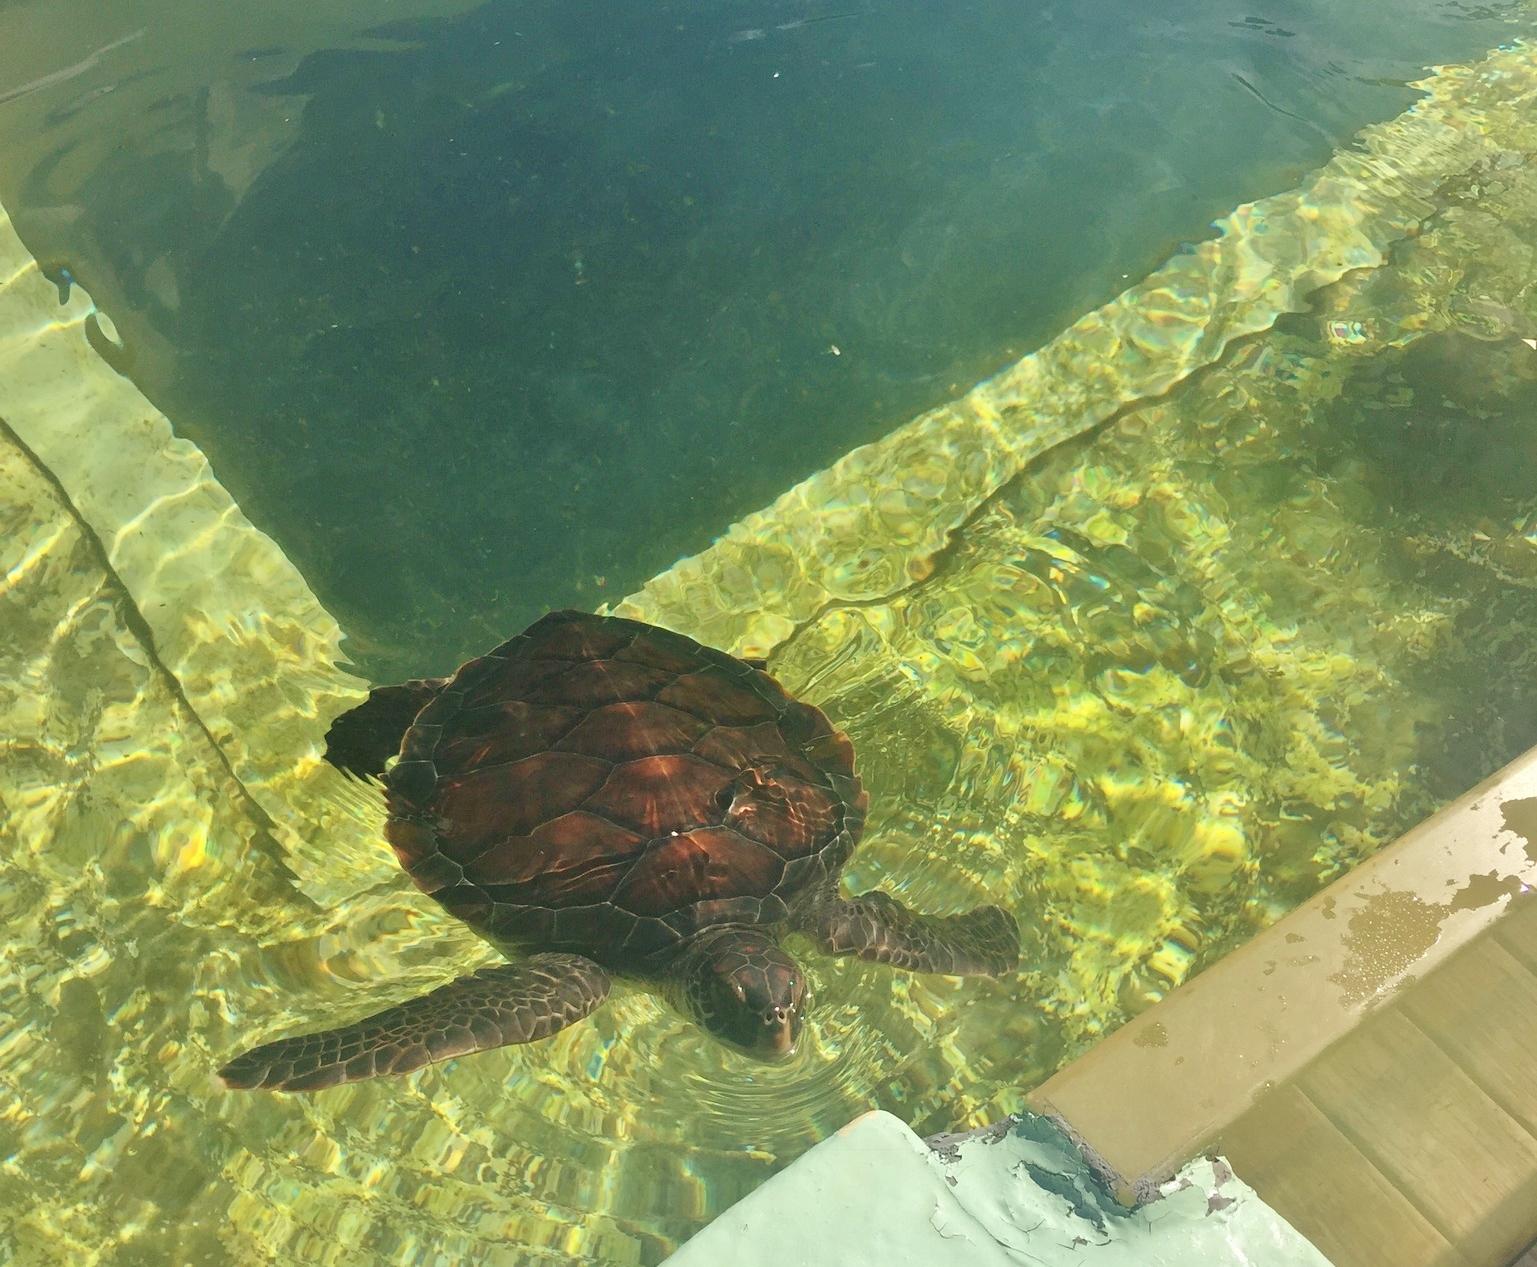 Belle tortue marine à Kélonia